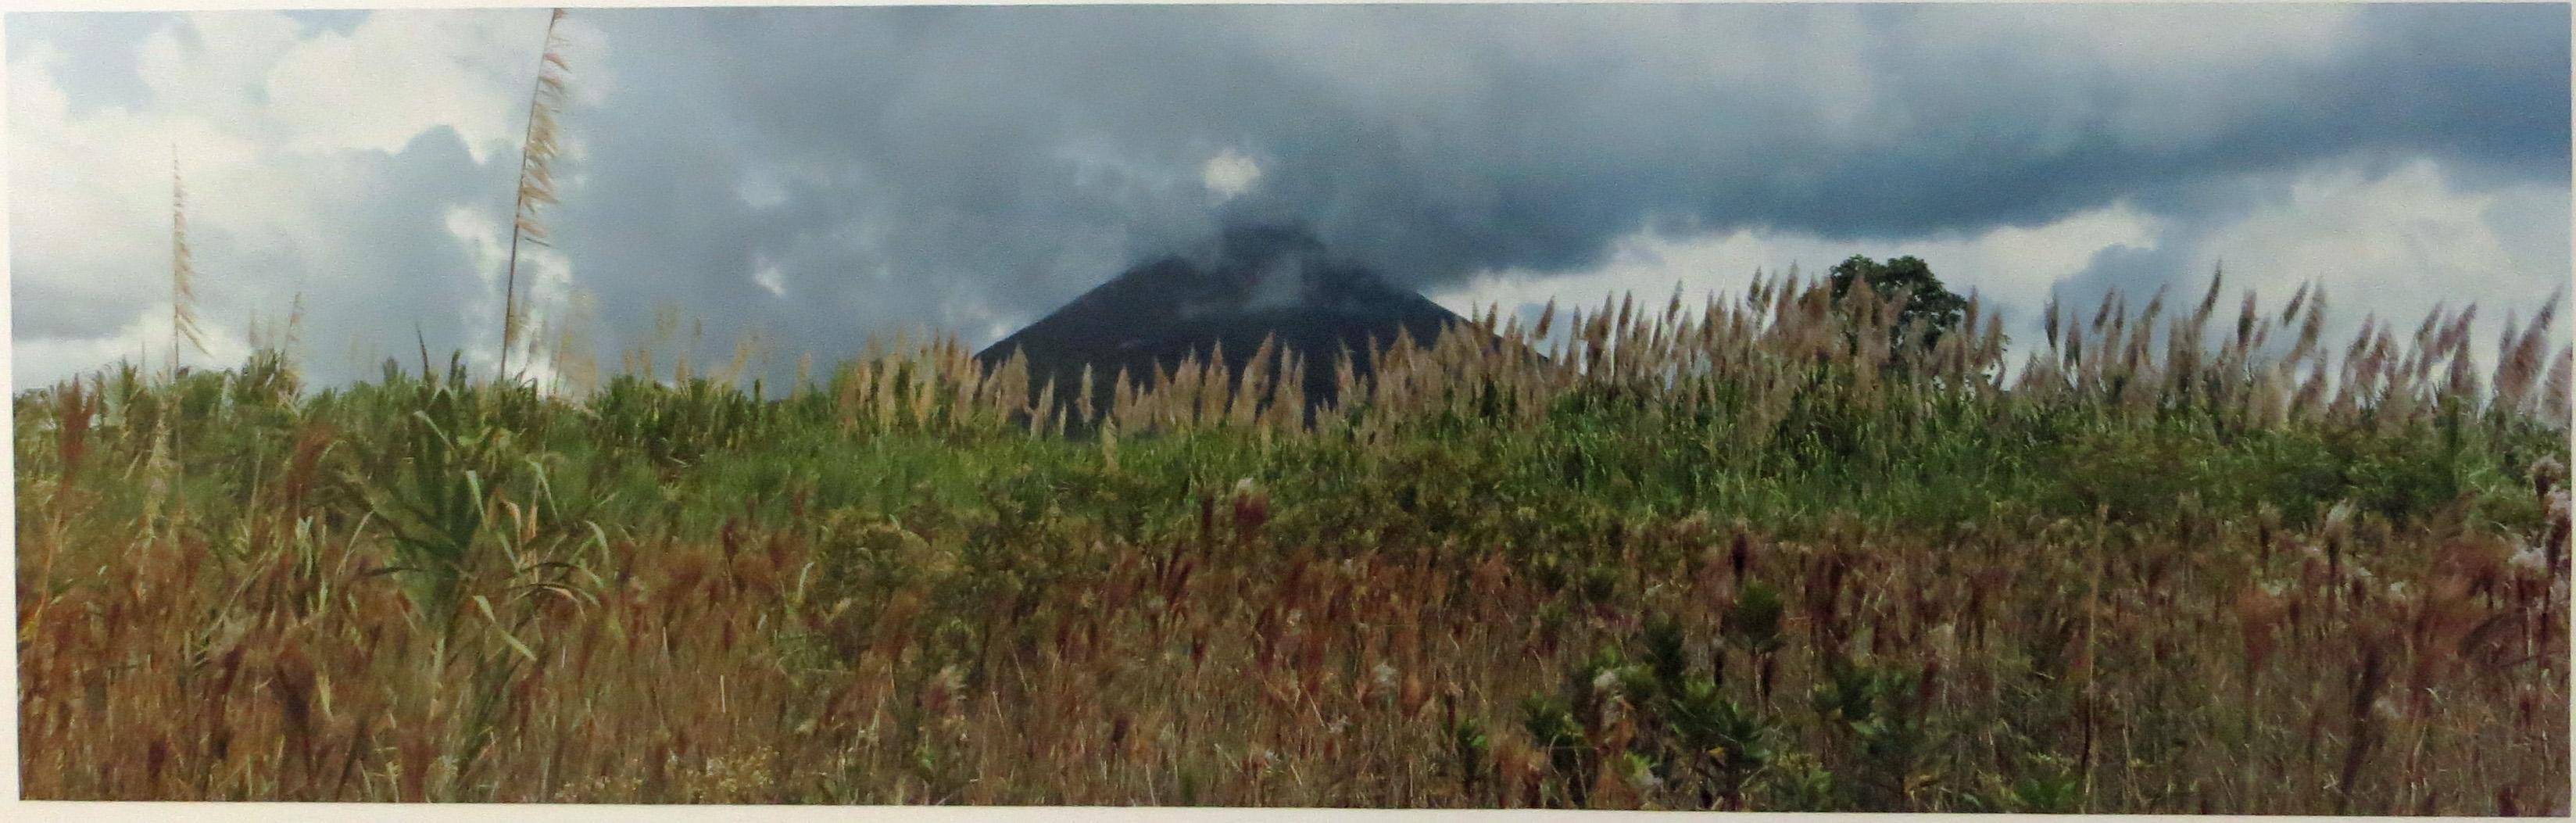 Vulcan Arunel, Costa Rica